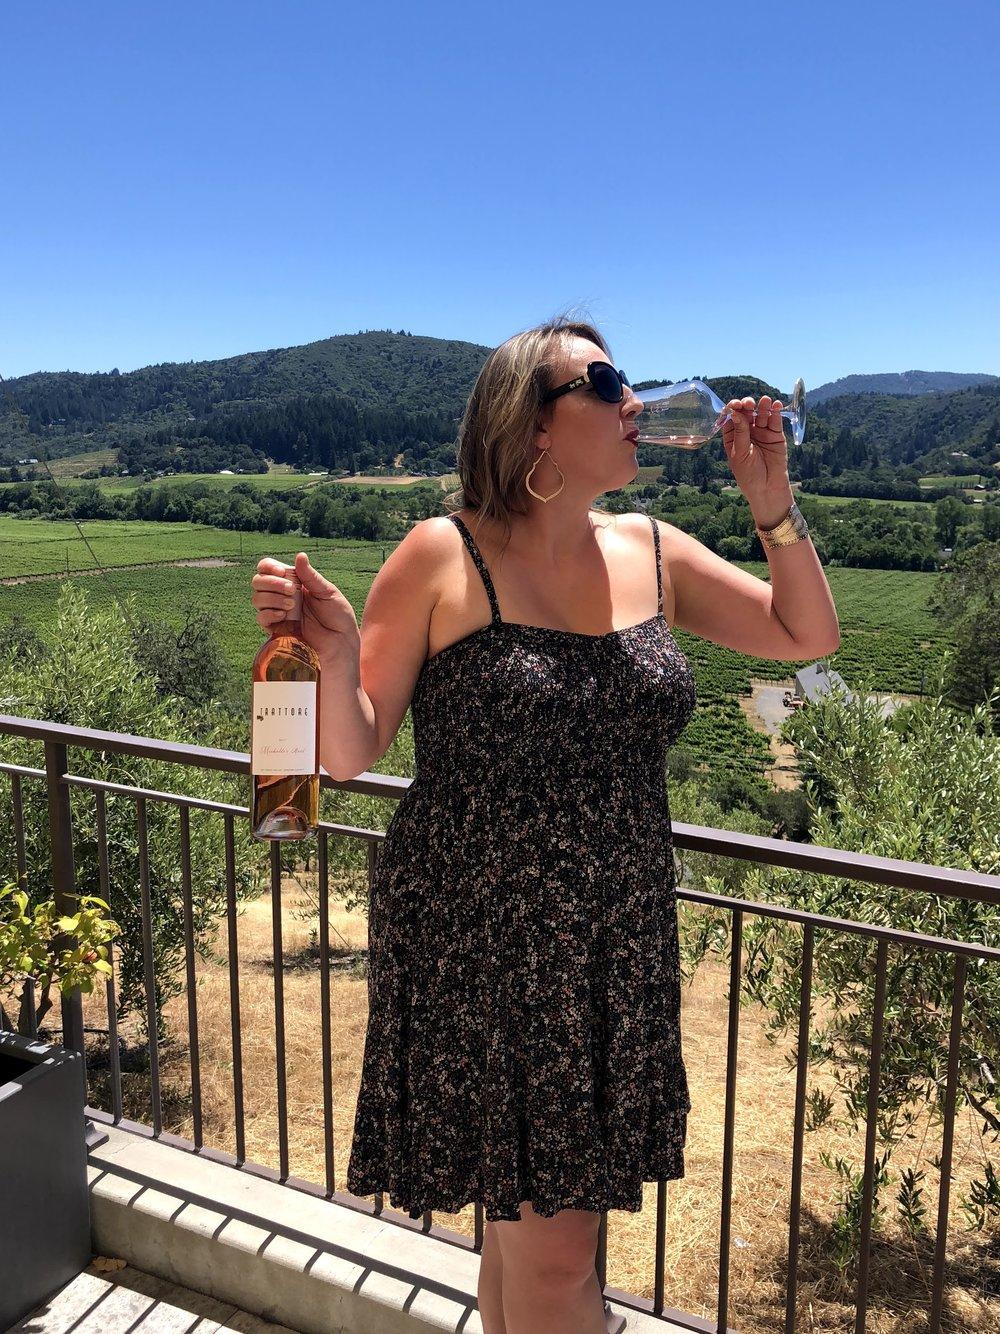 Sonoma Wine Life At Trattore Farms